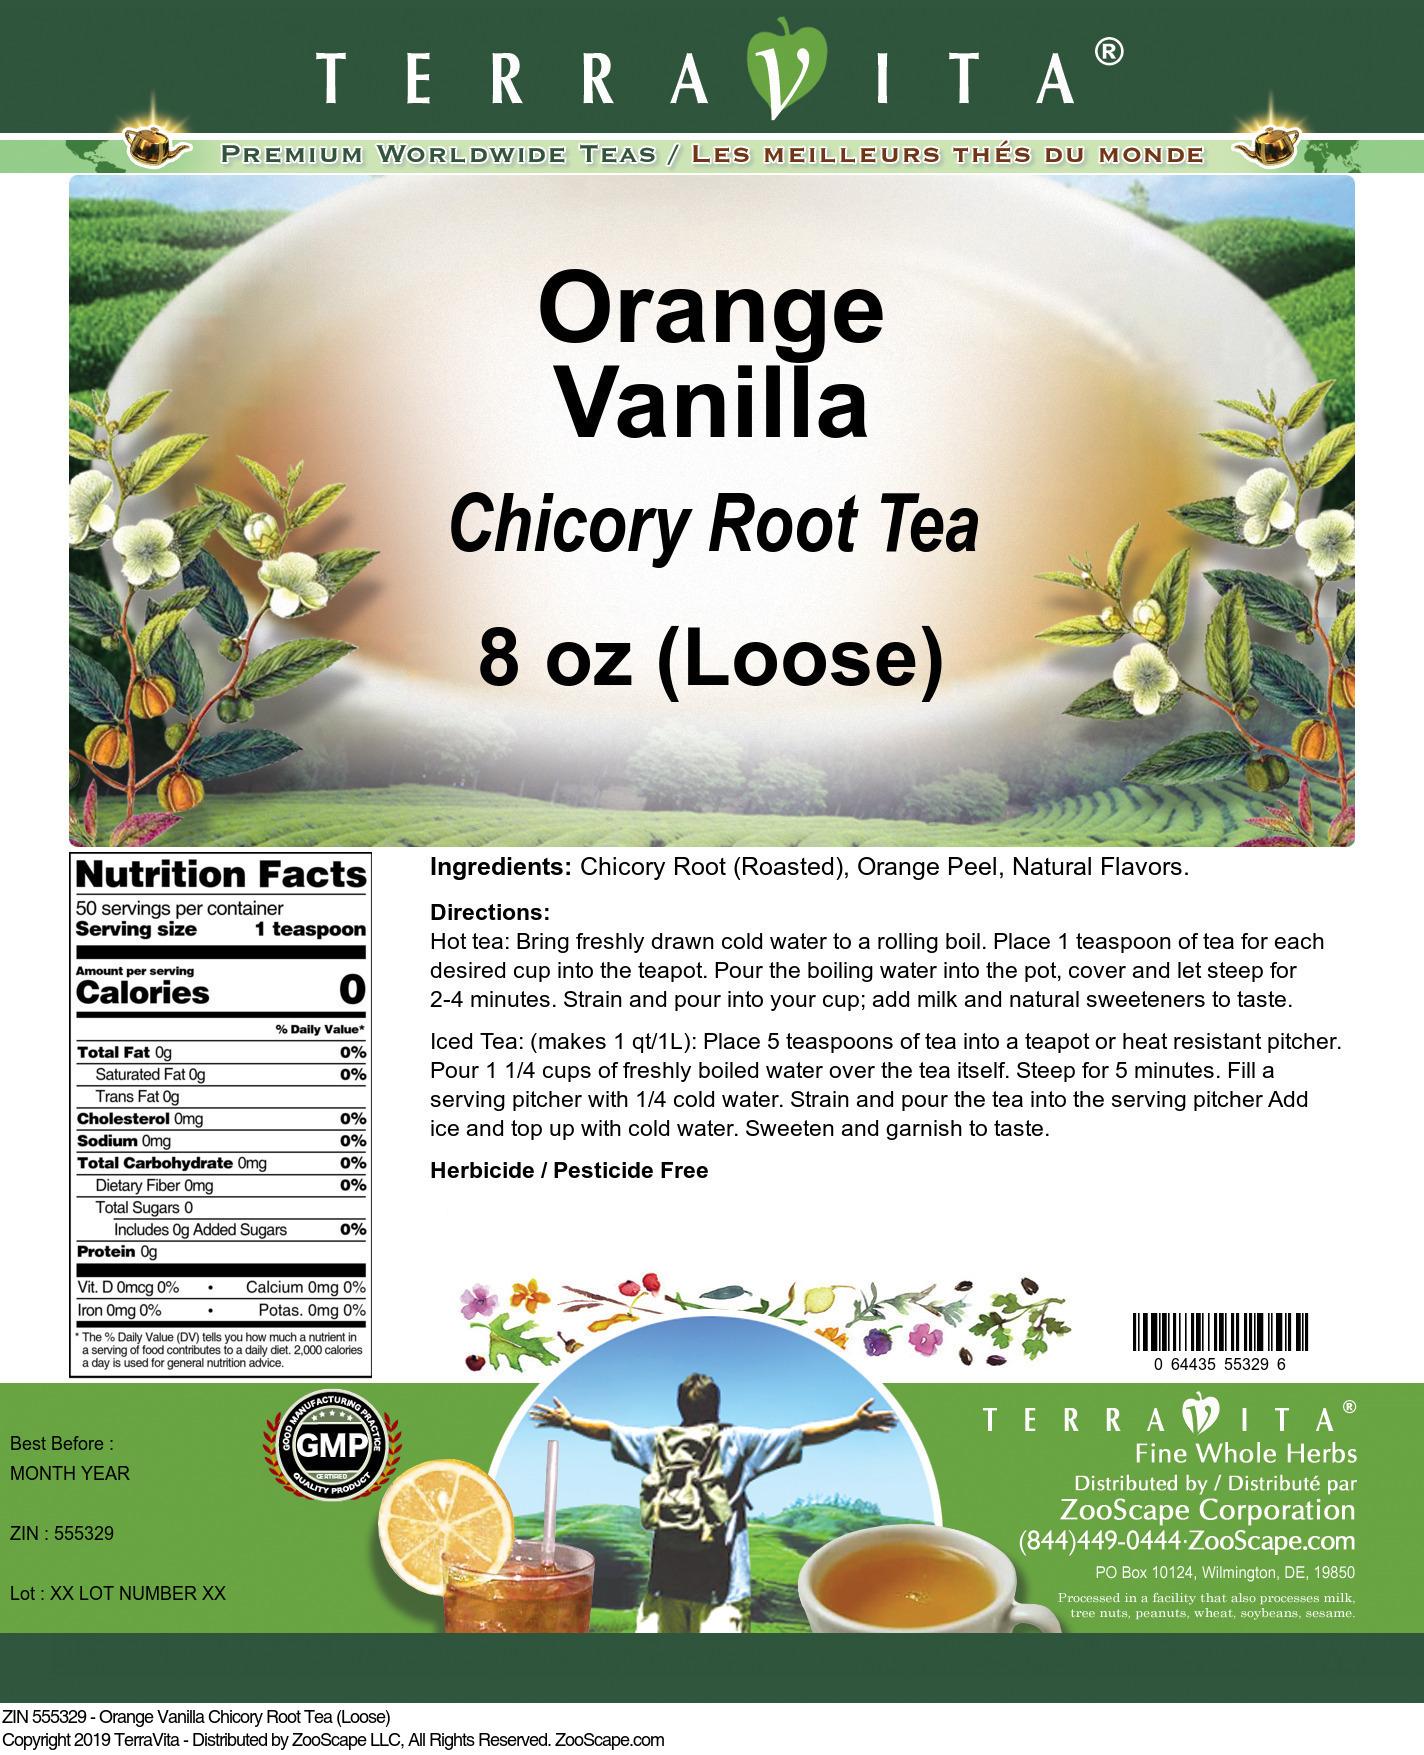 Orange Vanilla Chicory Root